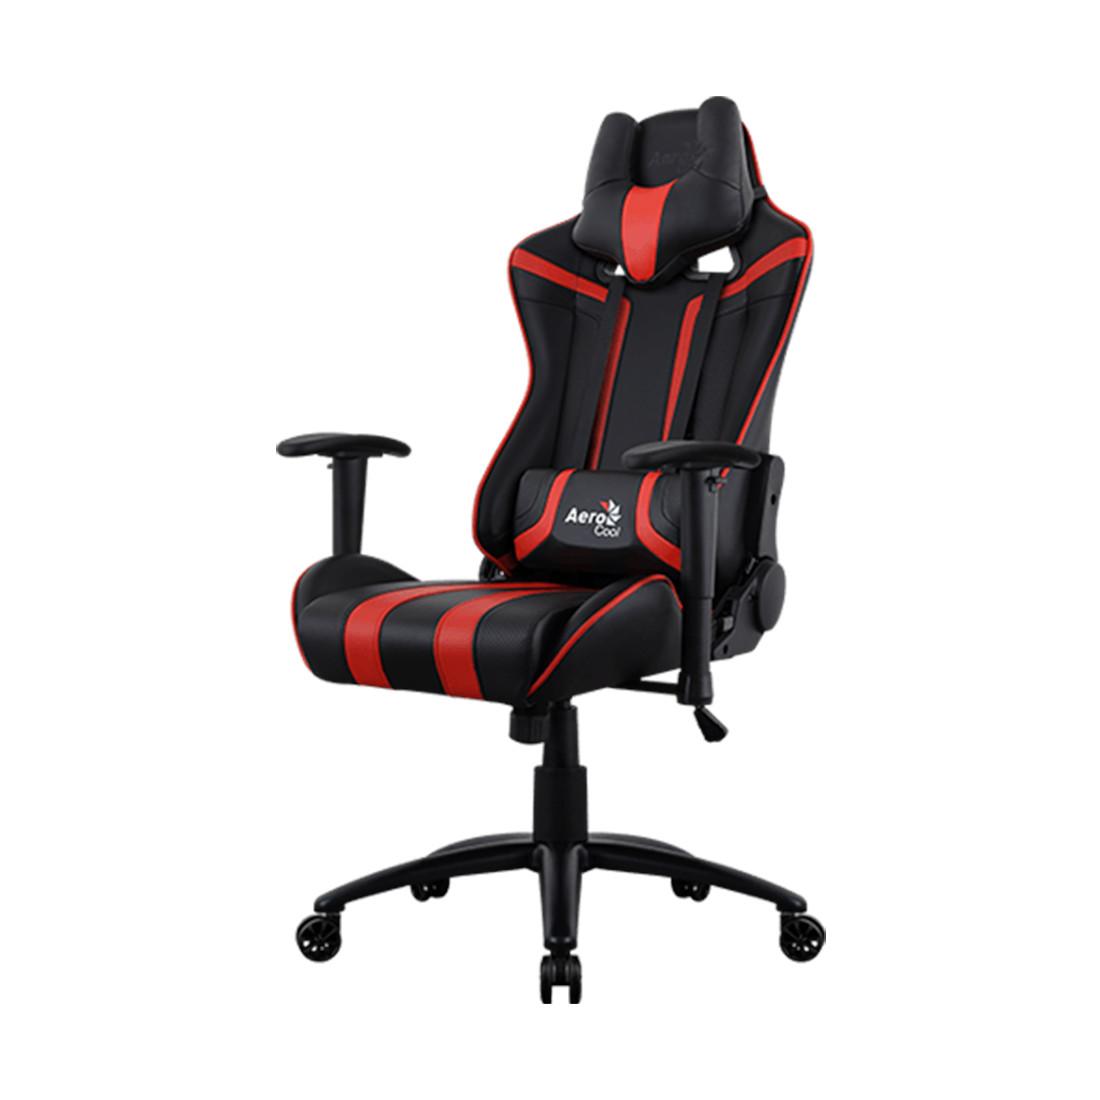 Игровое компьютерное кресло, Aerocool, AC120 AIR-BR, Искусственная кожа PU AIR, (Ш)53*(Г)57*(В)124